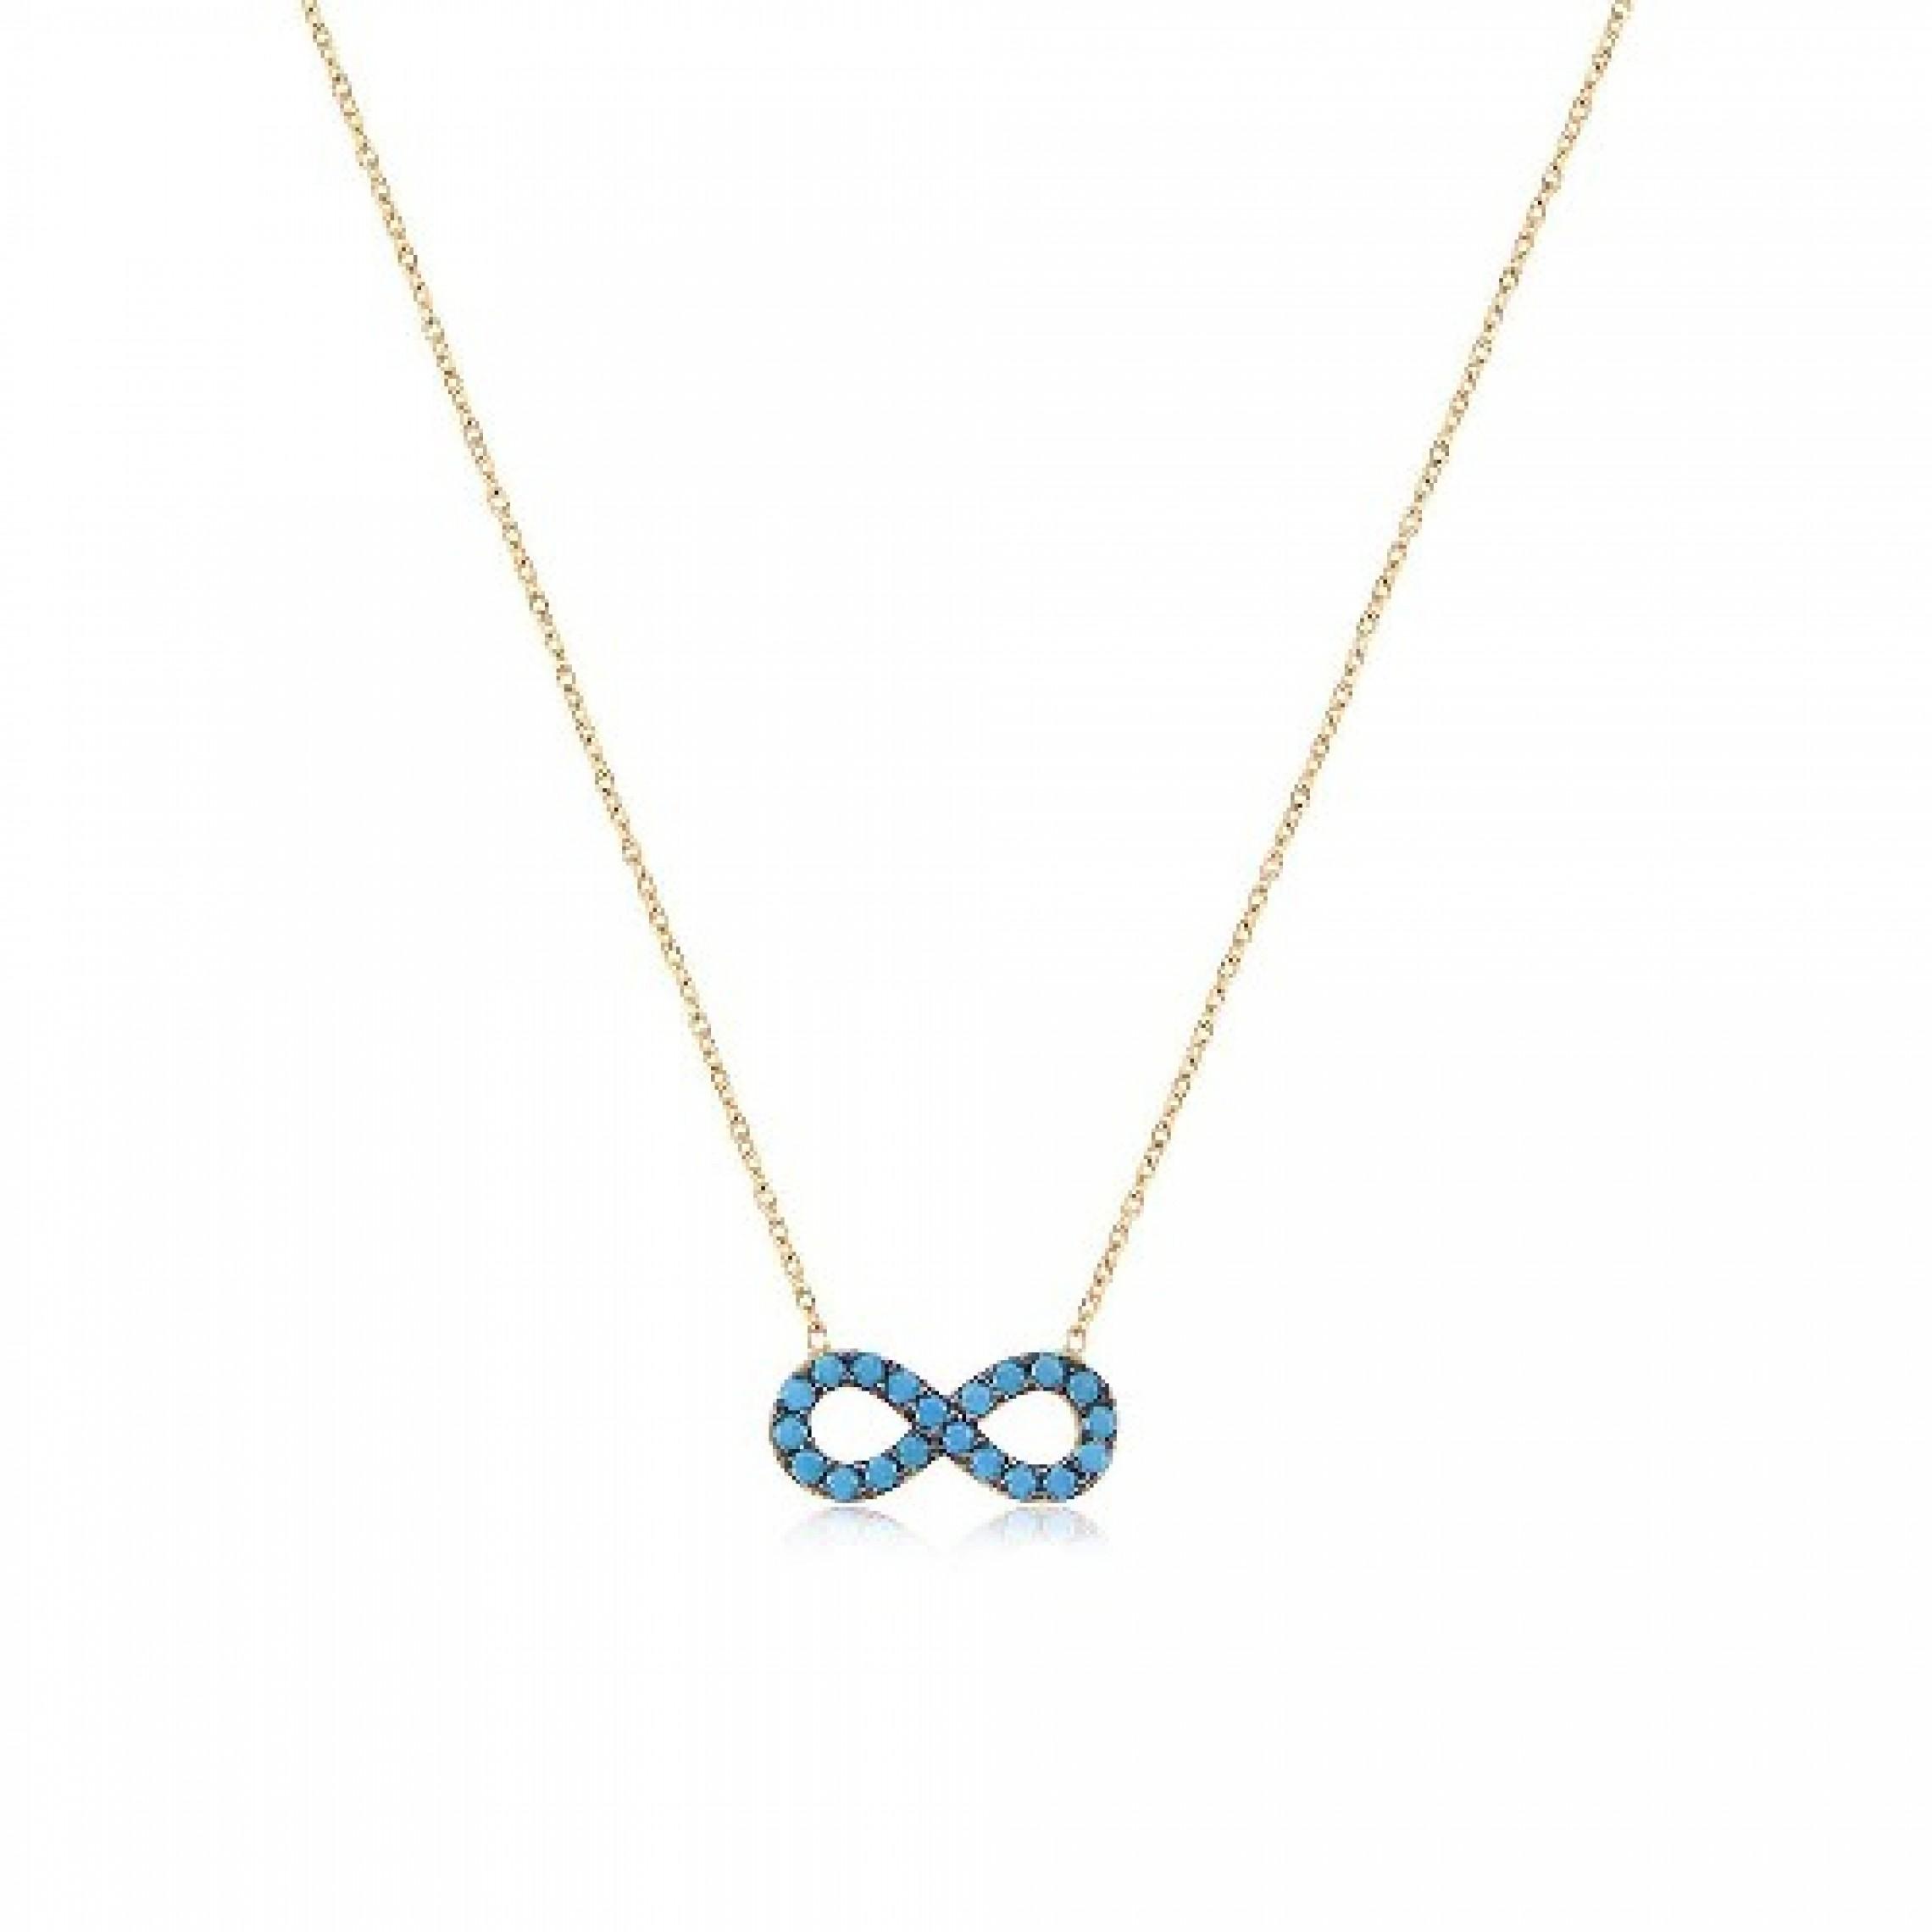 JN-190164 Evil Eye 925 Sterling Silver CZ Necklace Infinity